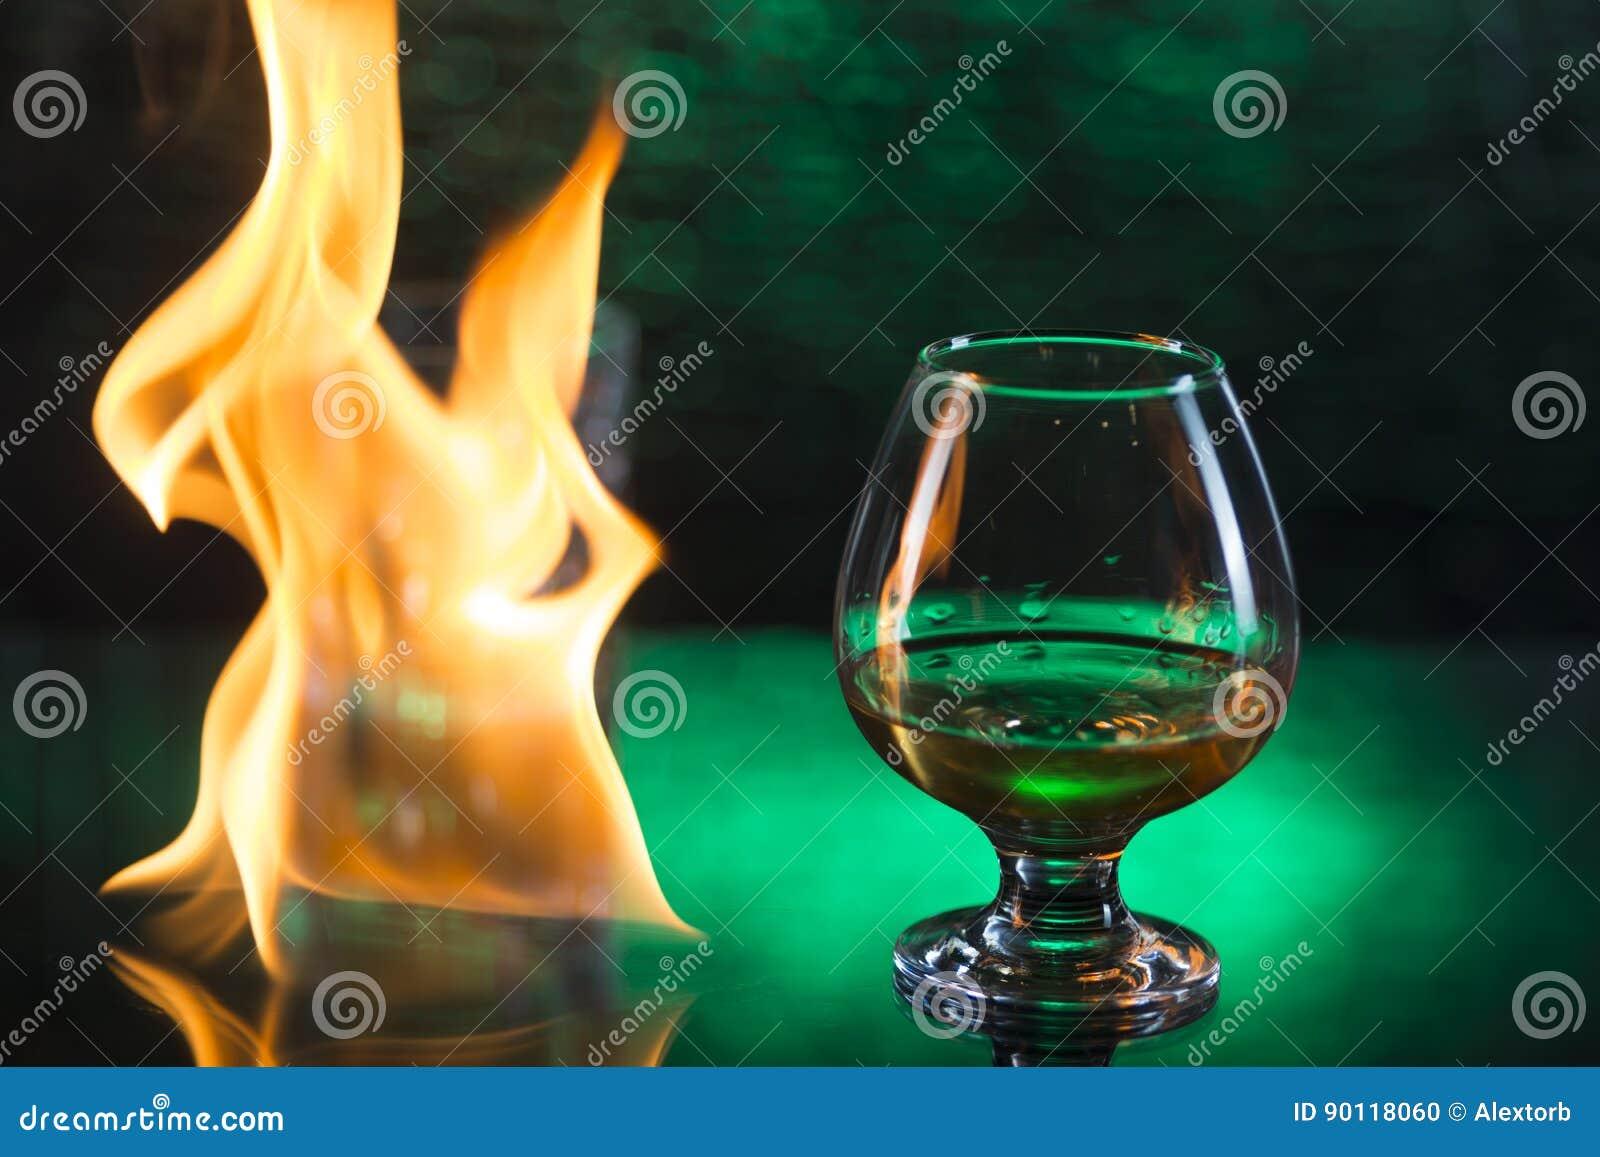 Glass nolla-whisky med is och vinglaset av konjak och brand flammar på grön bokehbakgrund